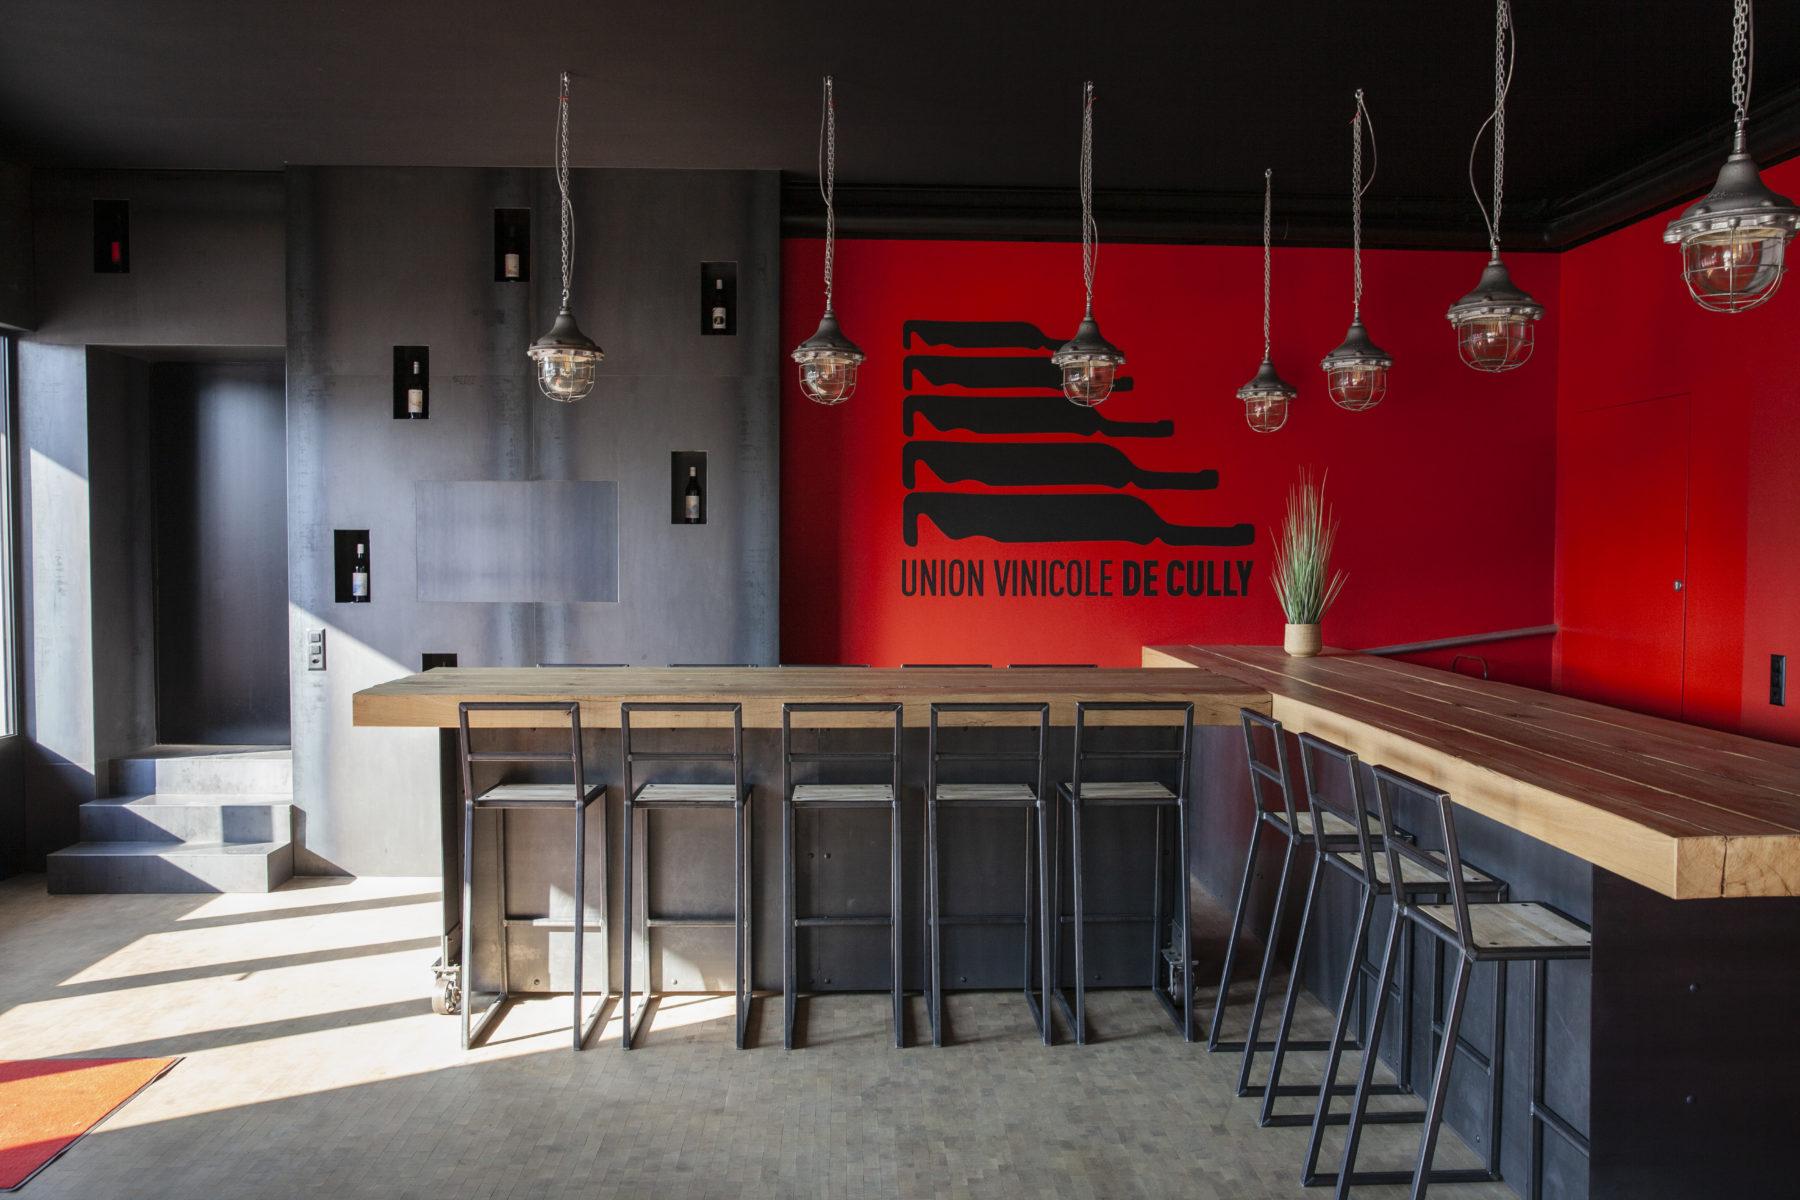 transformation et agrandissement d'une cave à Cully - Vaud - bar